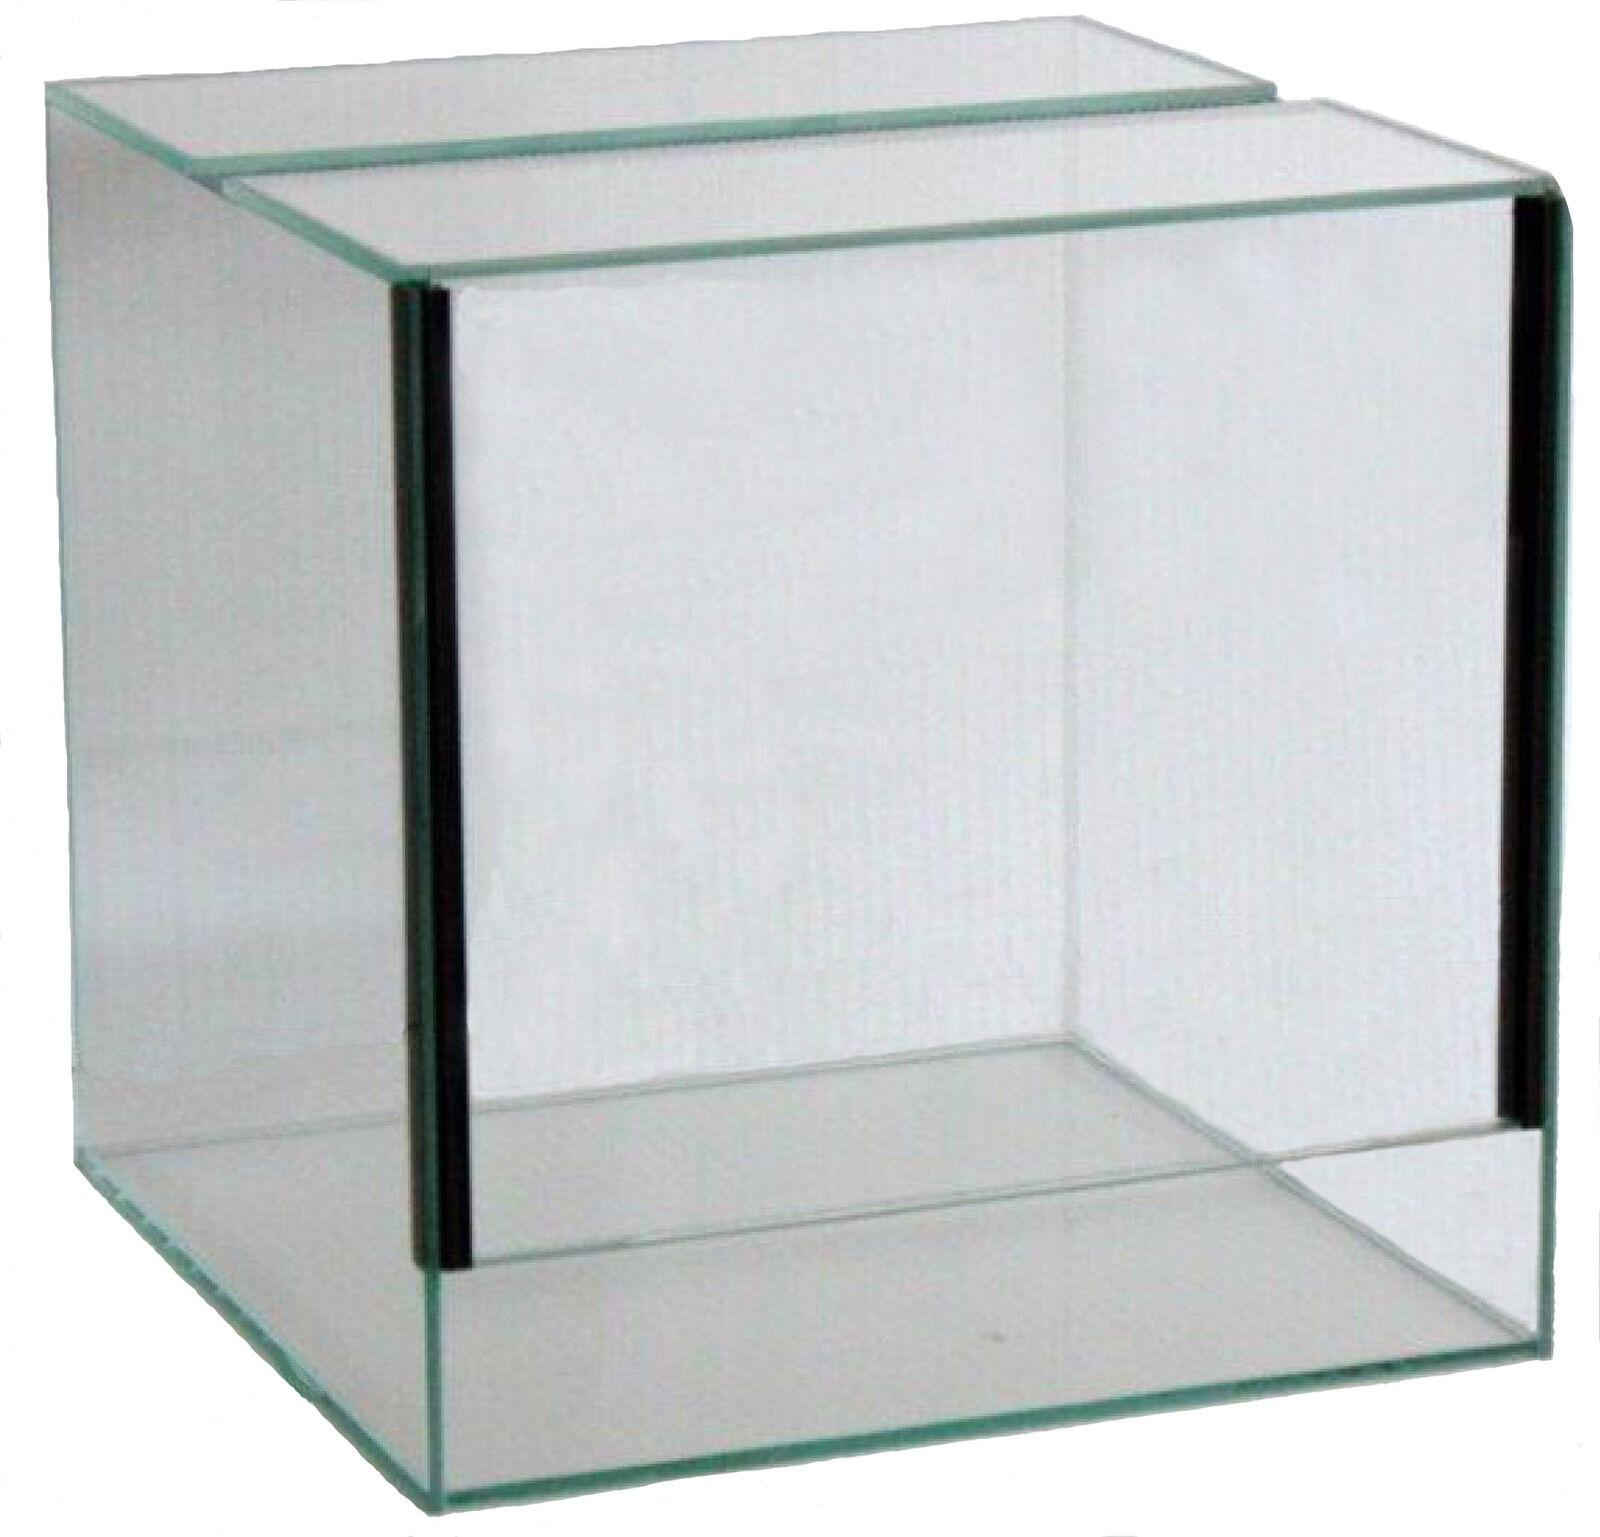 Glas Terrarium Schiebetür Falltür Glasterrarium Reptilien Spinnen viele Größen